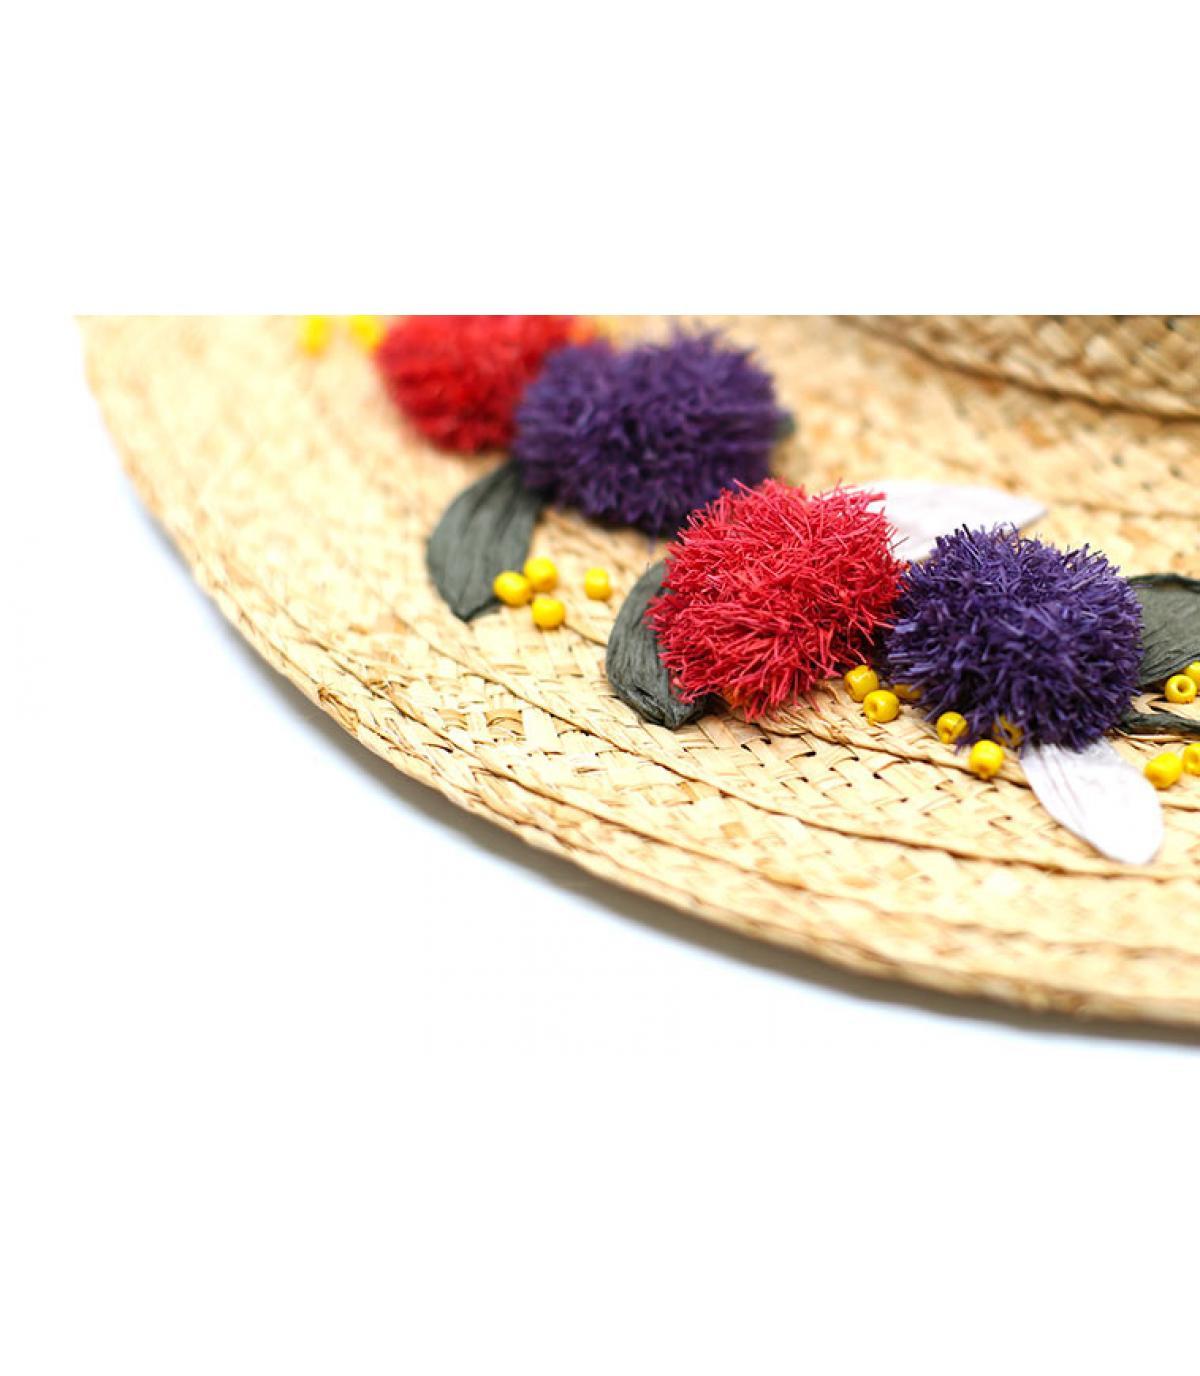 Detalles Floppy Raphia Flower Embroidery imagen 4